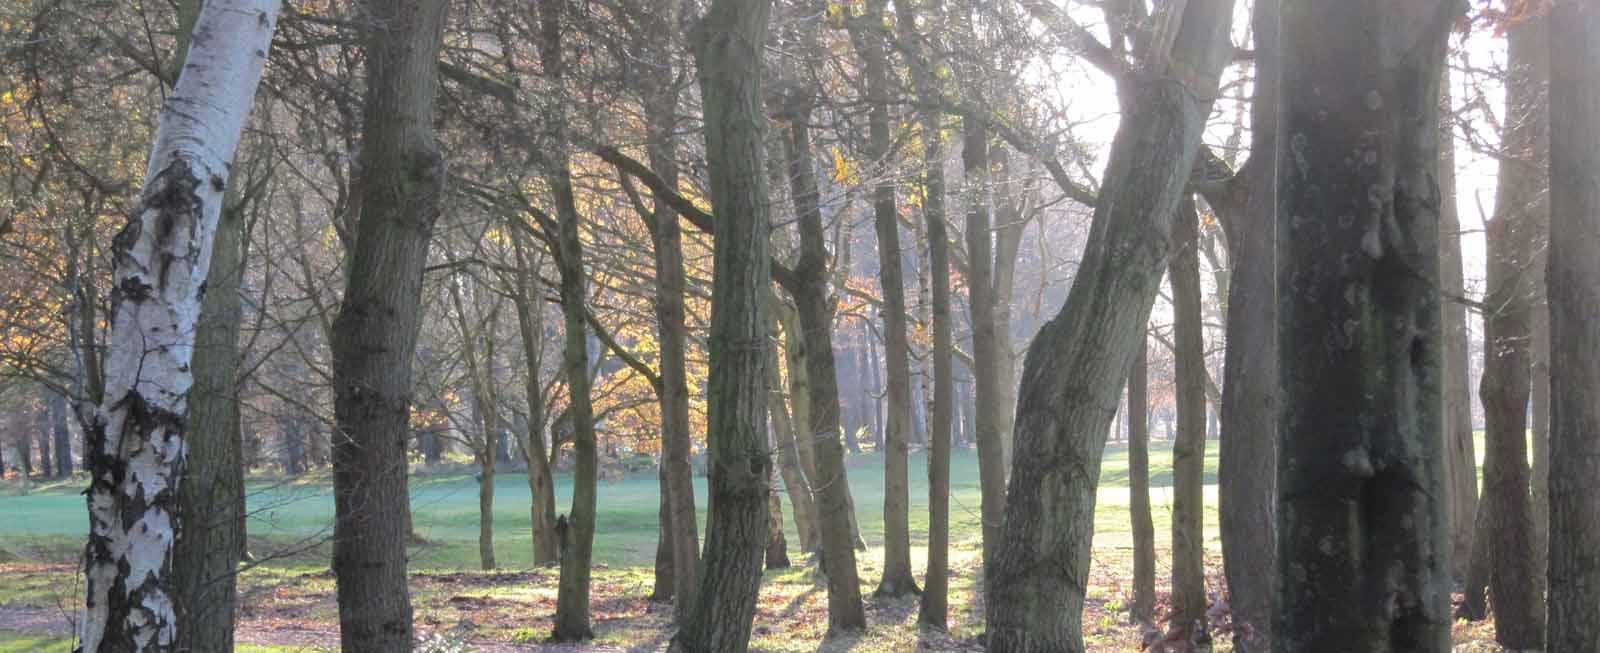 Tree scene by www.paulhoughton.co.uk